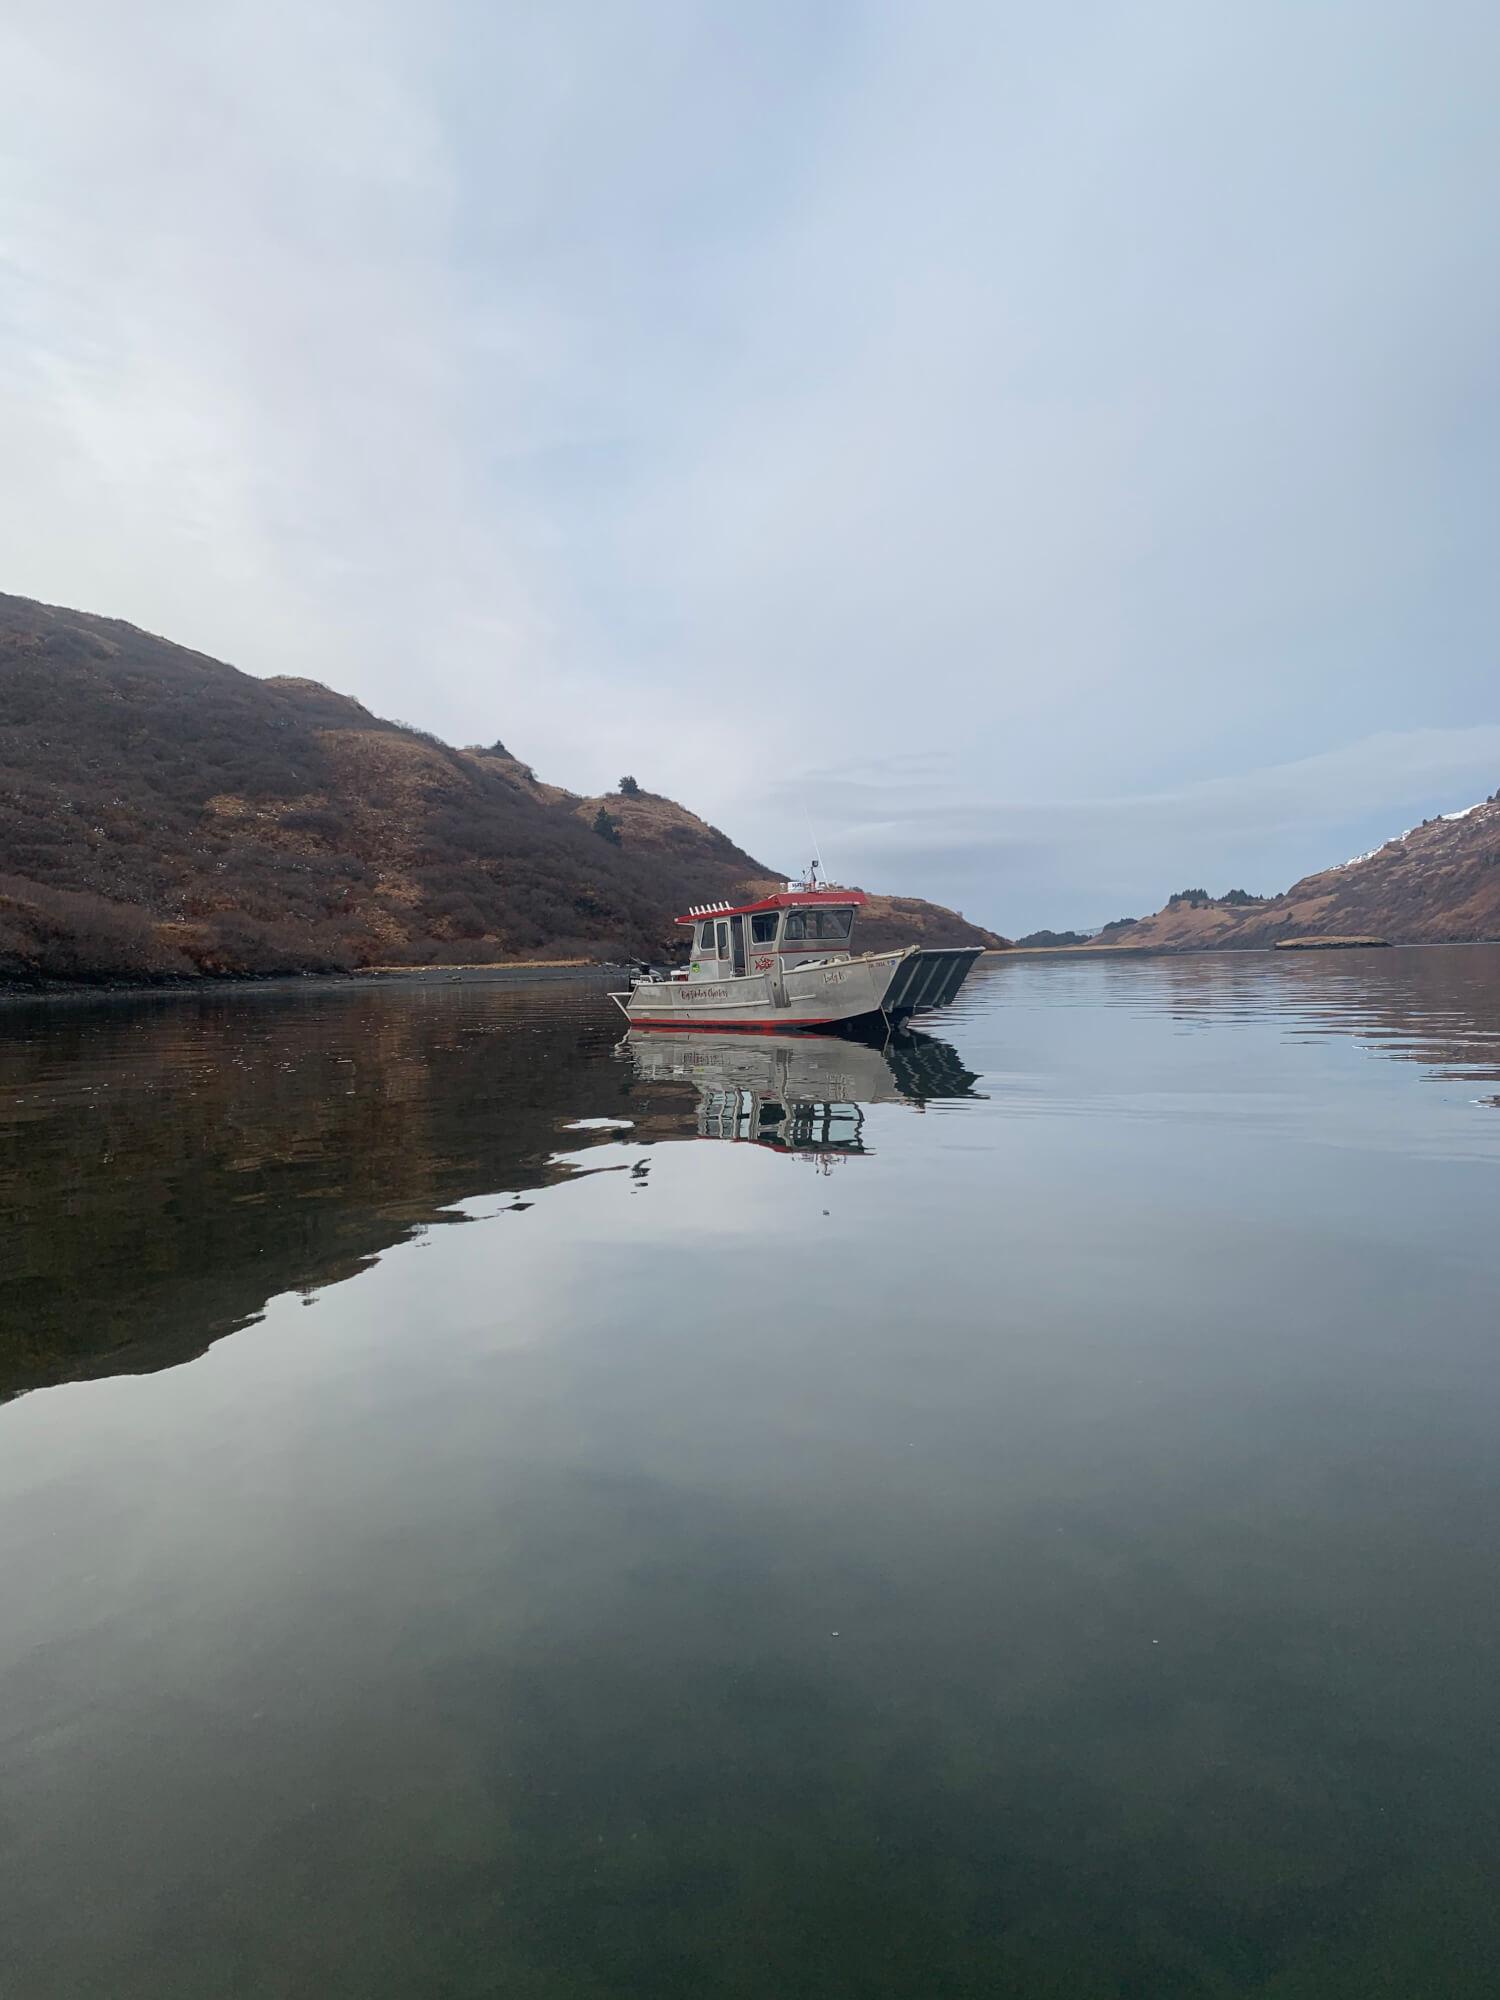 Kodiak Island fishing resort accomodations in Alaska